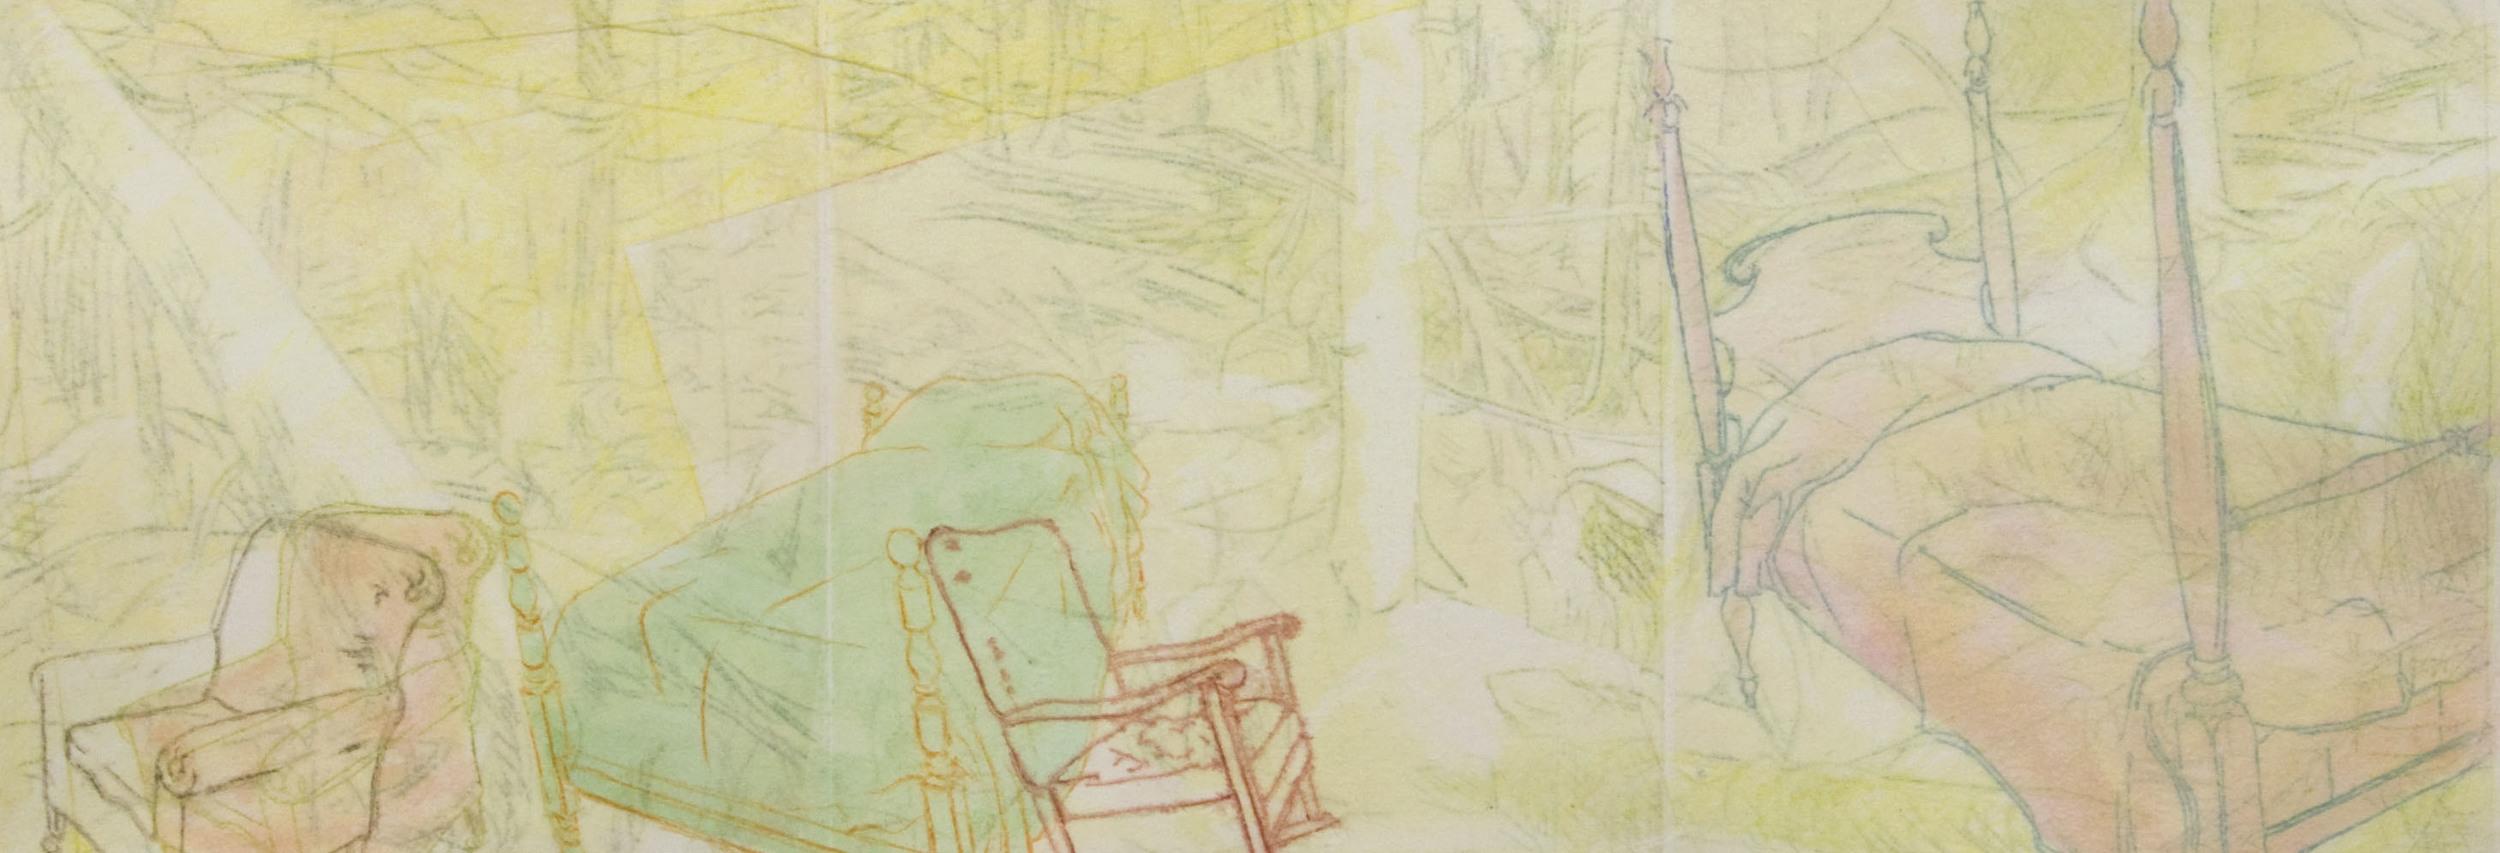 """Dreamscape #46 , Prilla Smith Brackett, monoprint, watercolor, color pencil on paper, 11¼"""" x 17¾"""" framed, $475"""